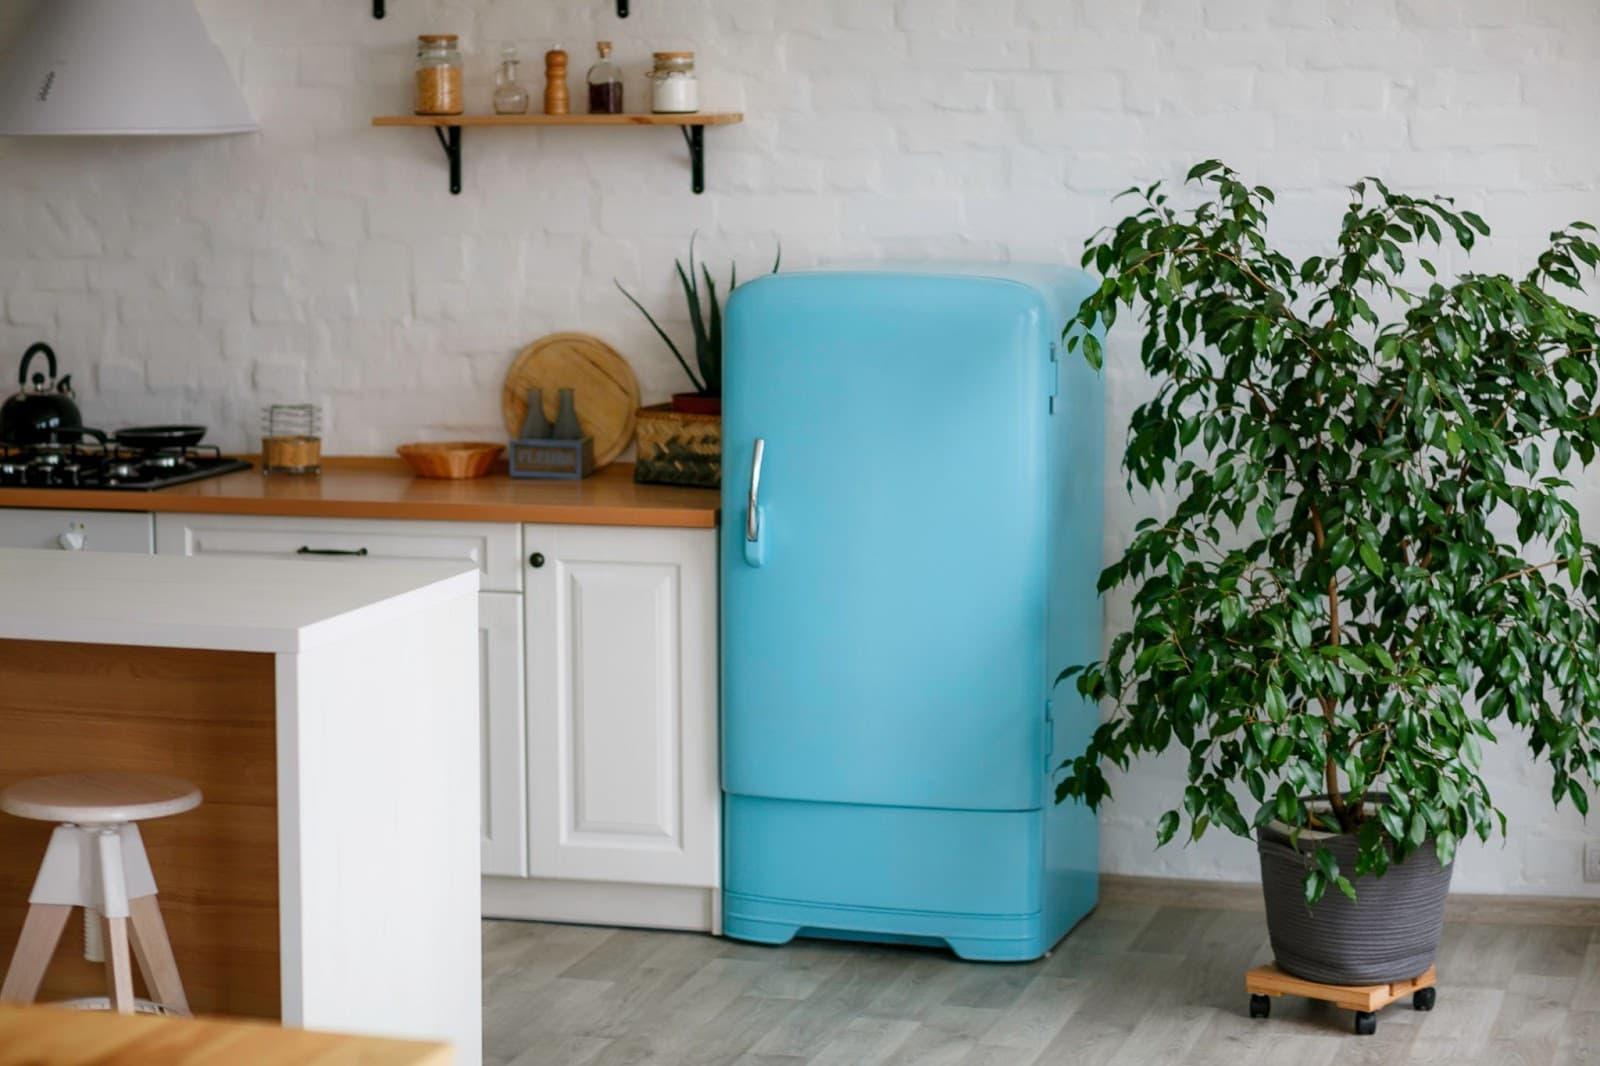 Geladeira azul em uma cozinha